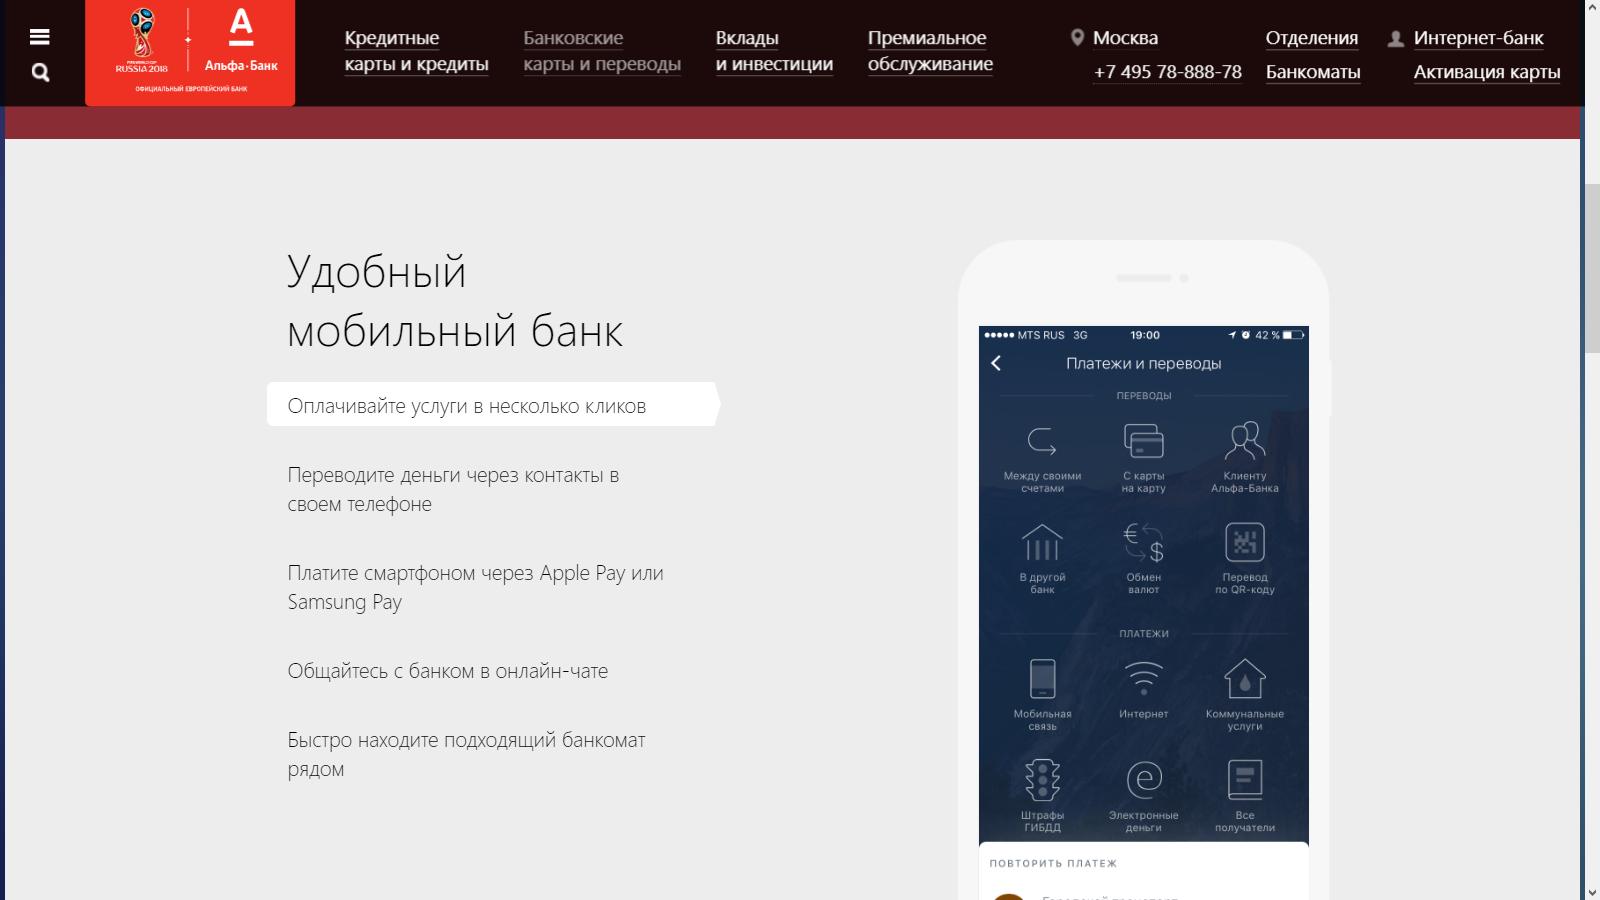 Мобильный банк дебетовой карты с кэшбэком от Альфа банка